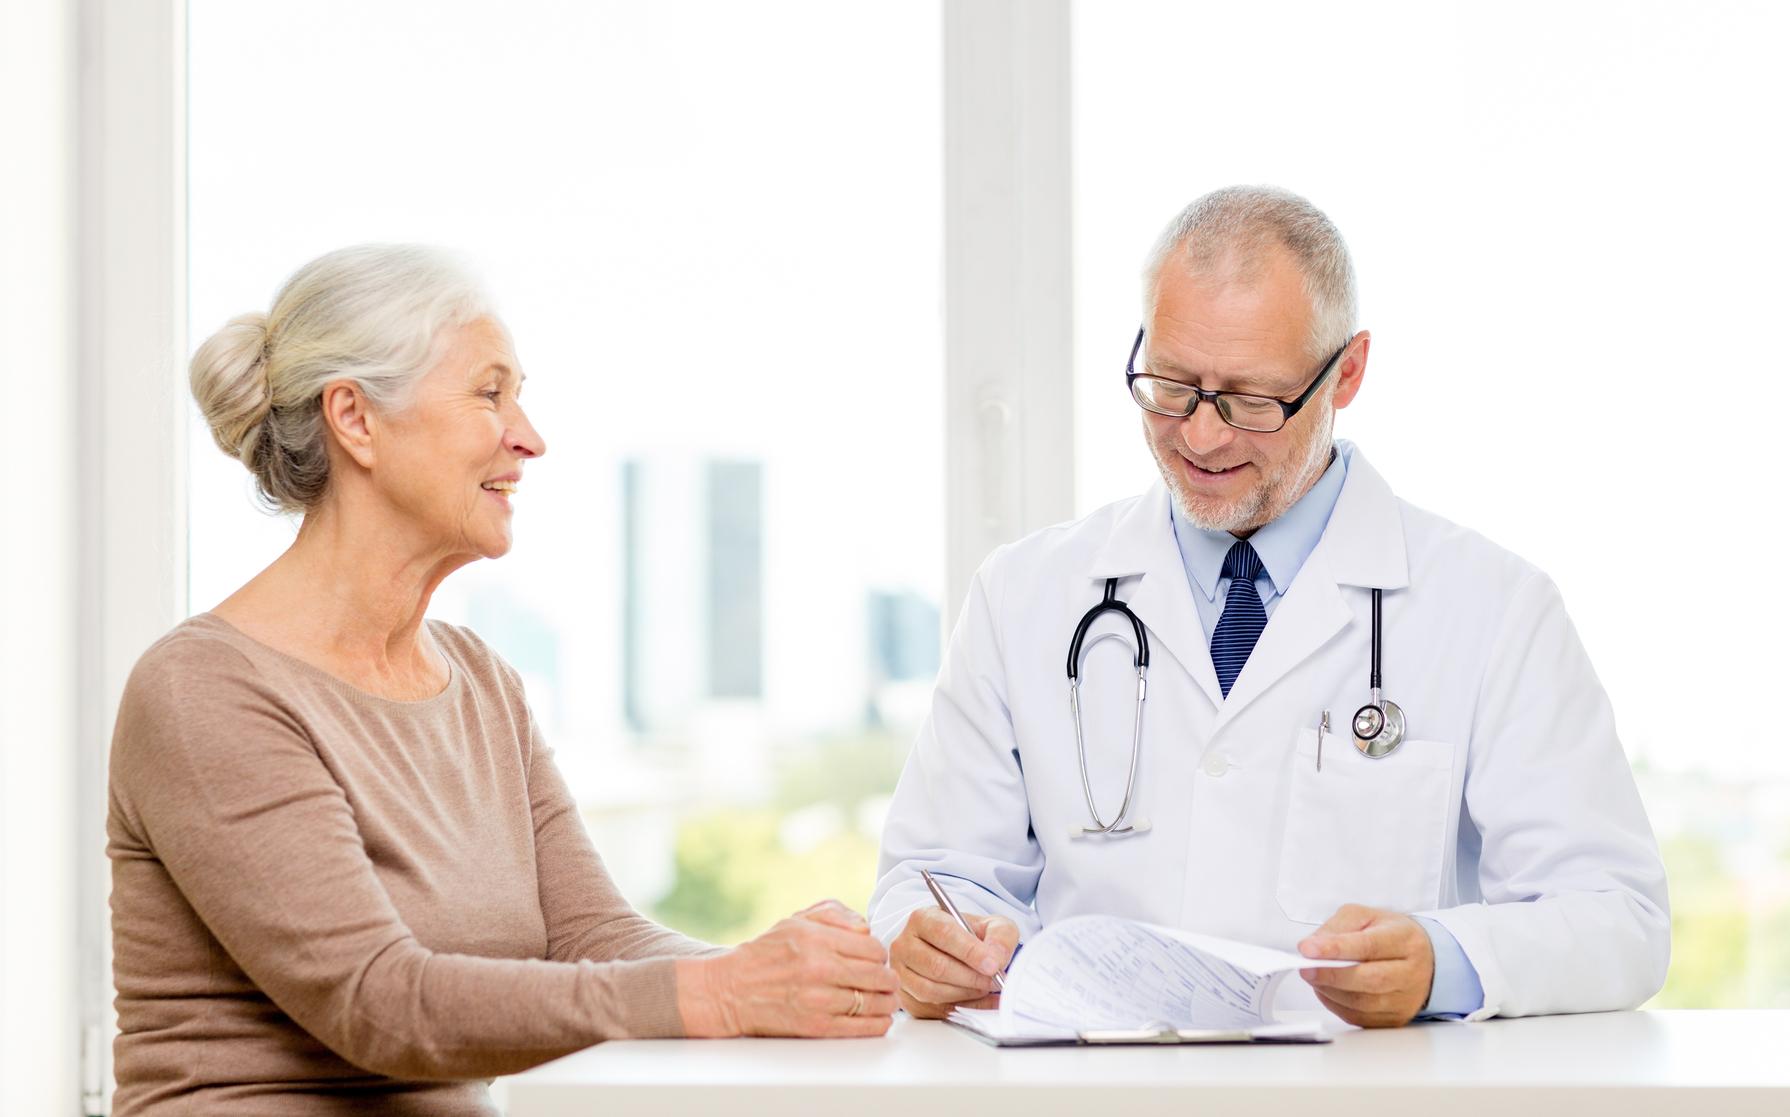 Жировики на голове: причины, лечение, удаление жировиков на голове